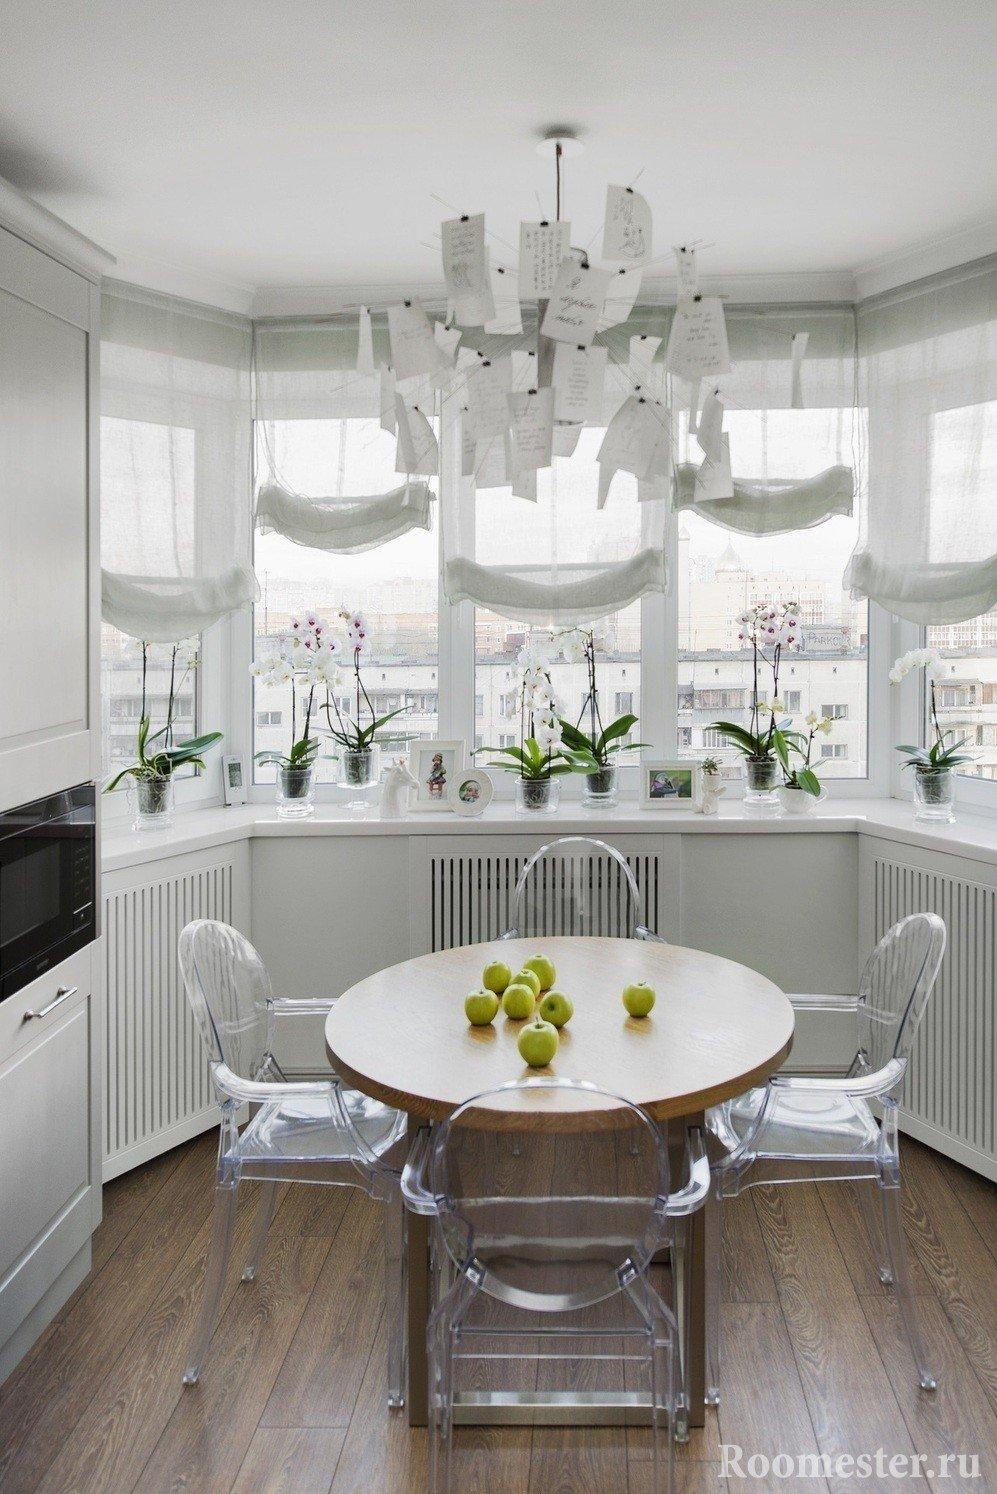 Дизайн кухни с балконом - 25 примеров интерьера.